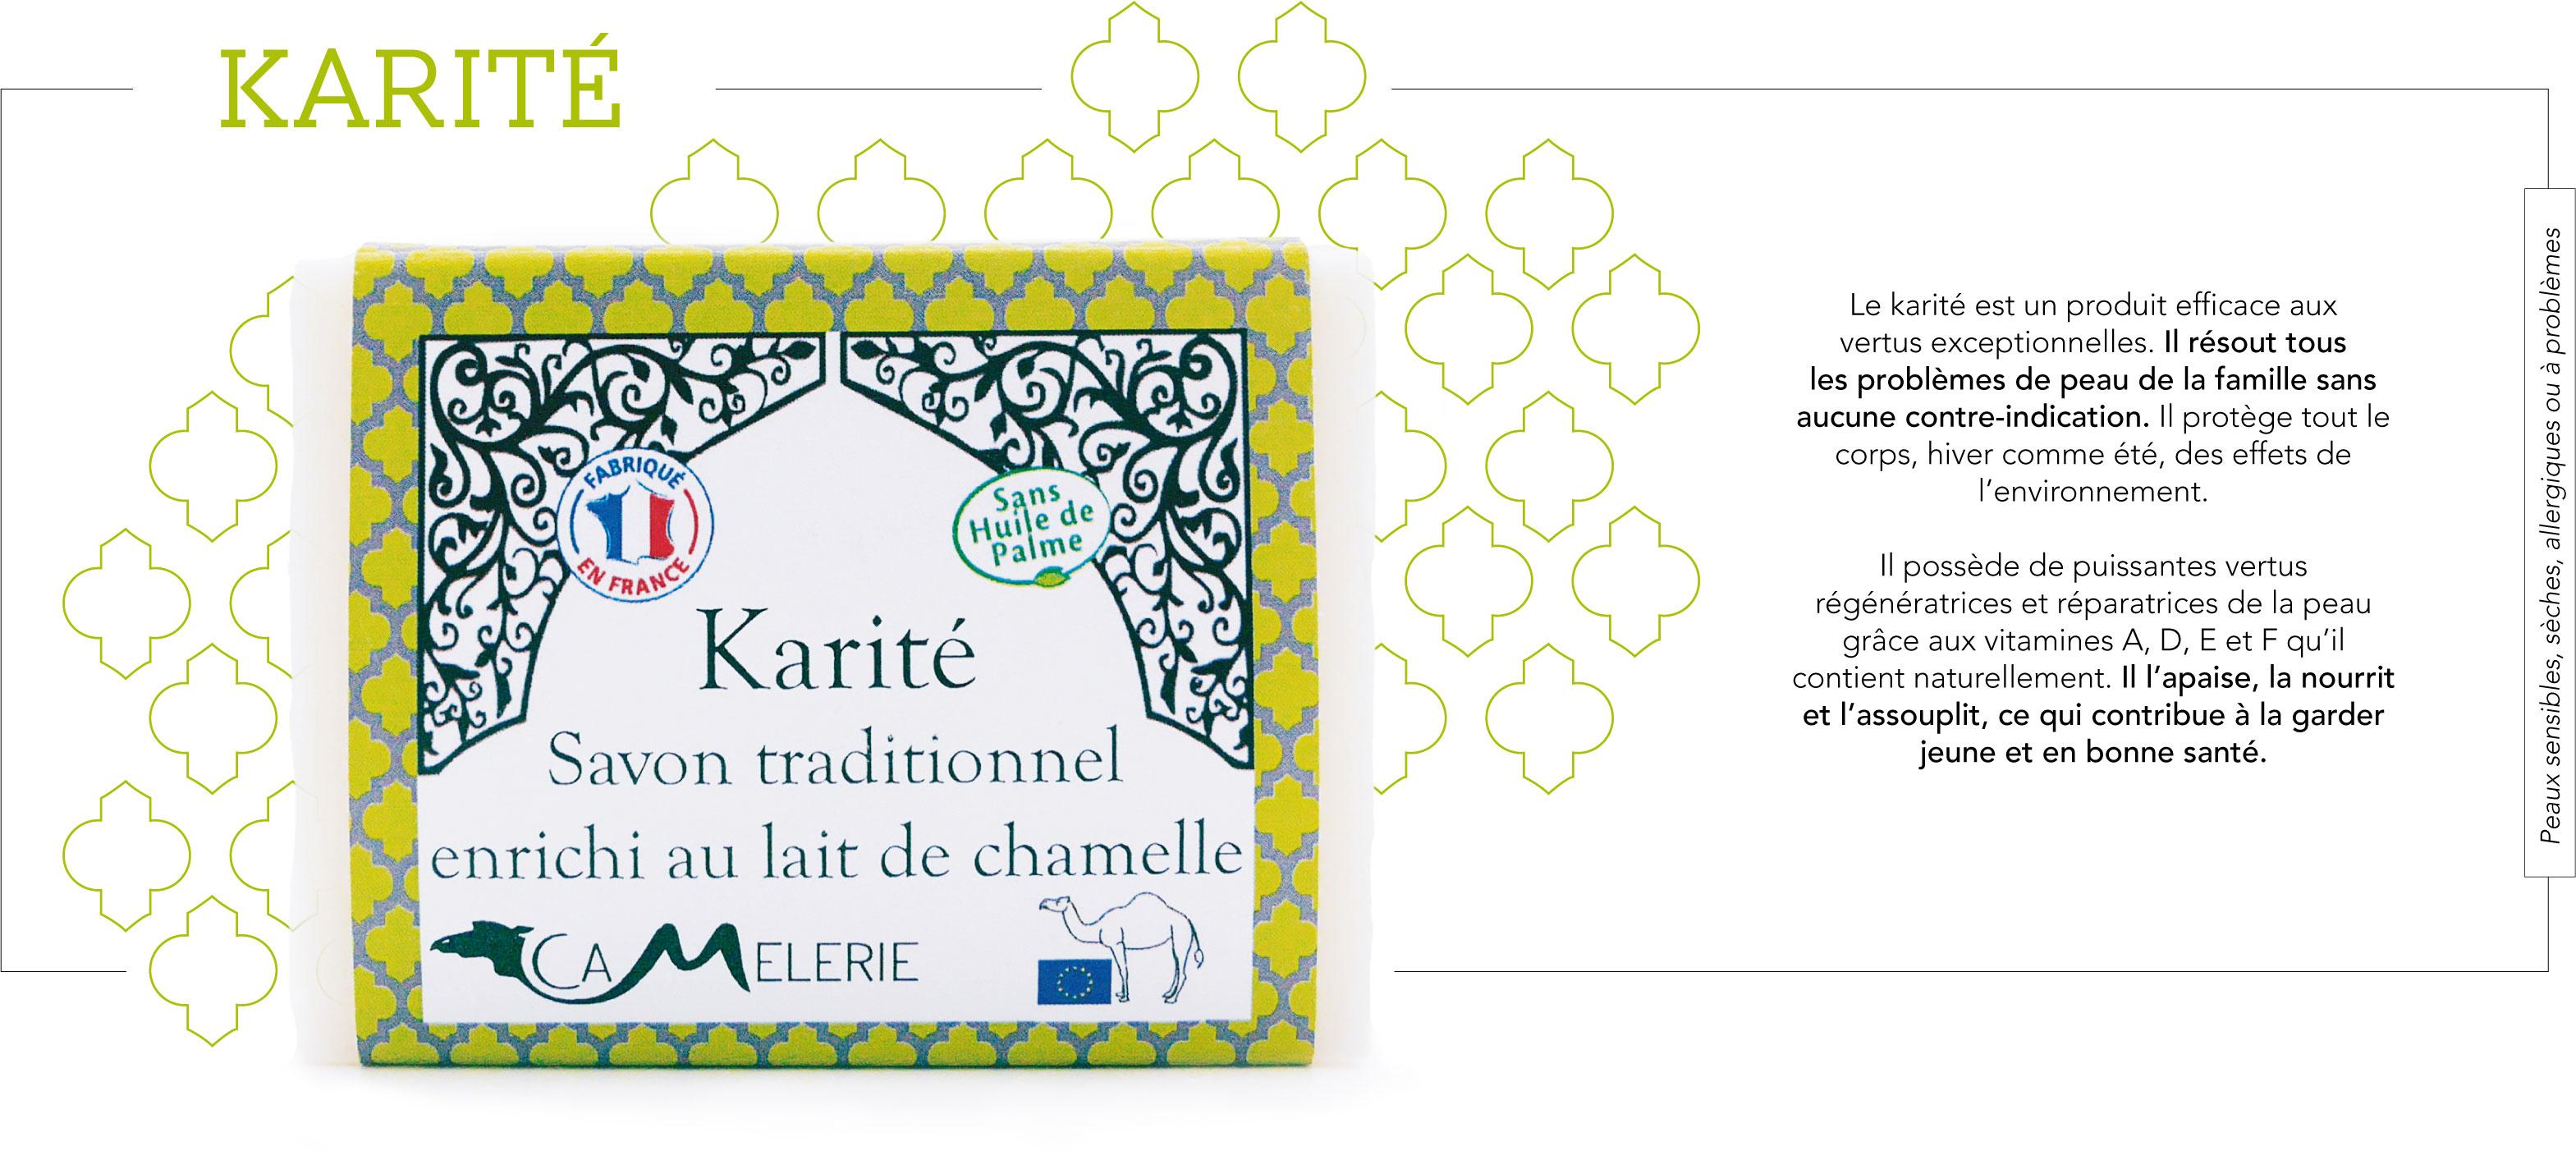 Descriptif savon Karité